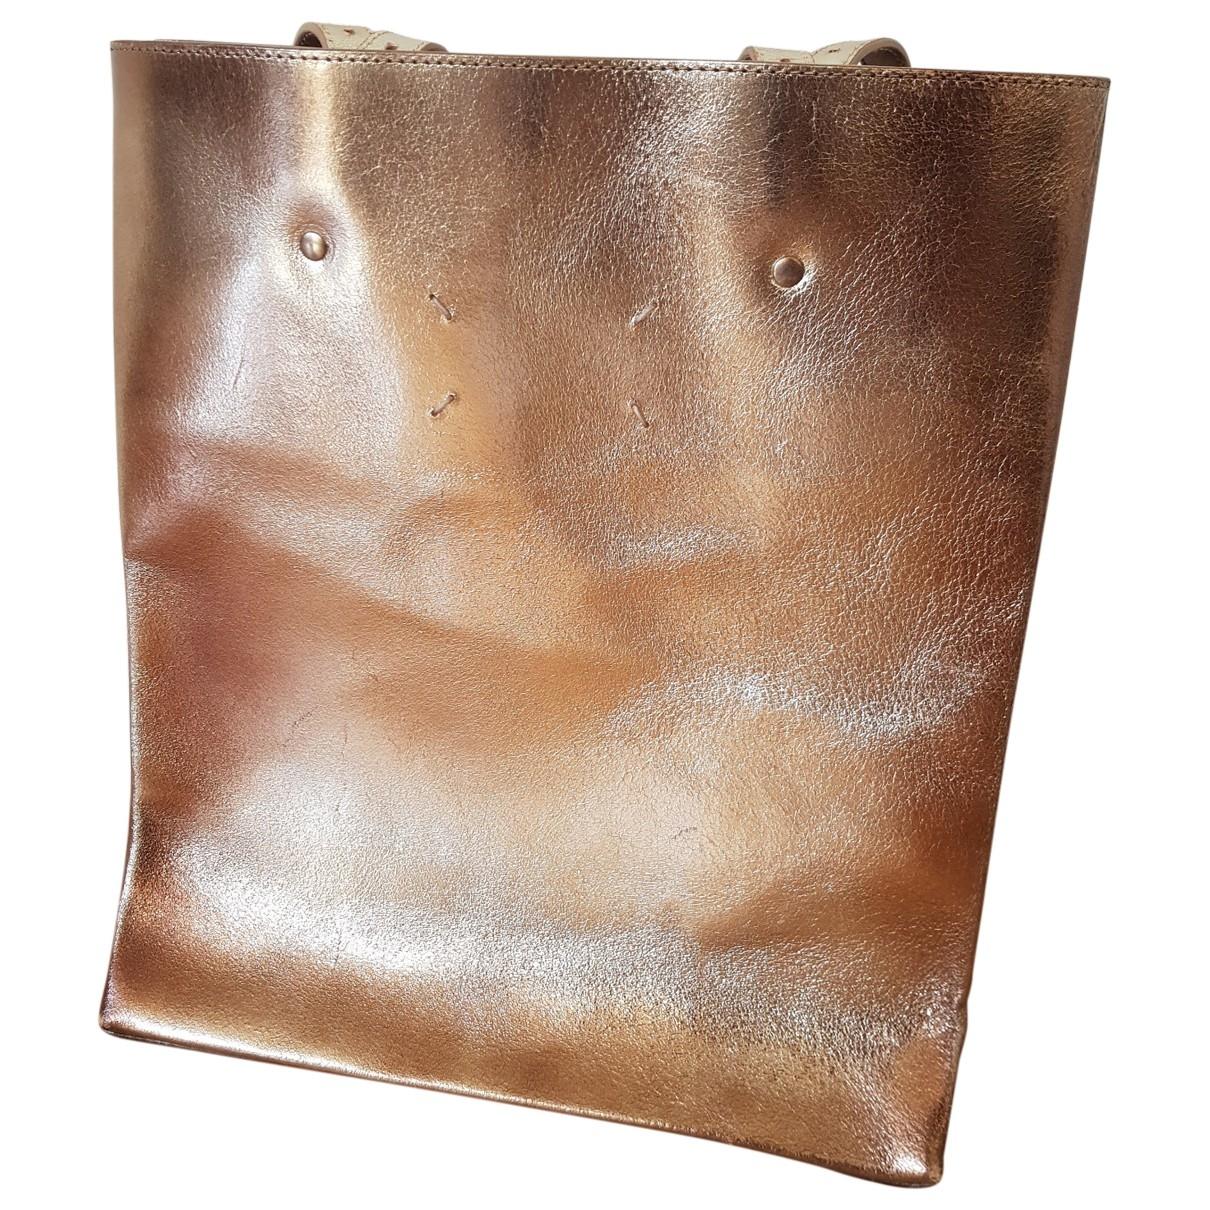 Maison Martin Margiela \N Gold Leather handbag for Women \N